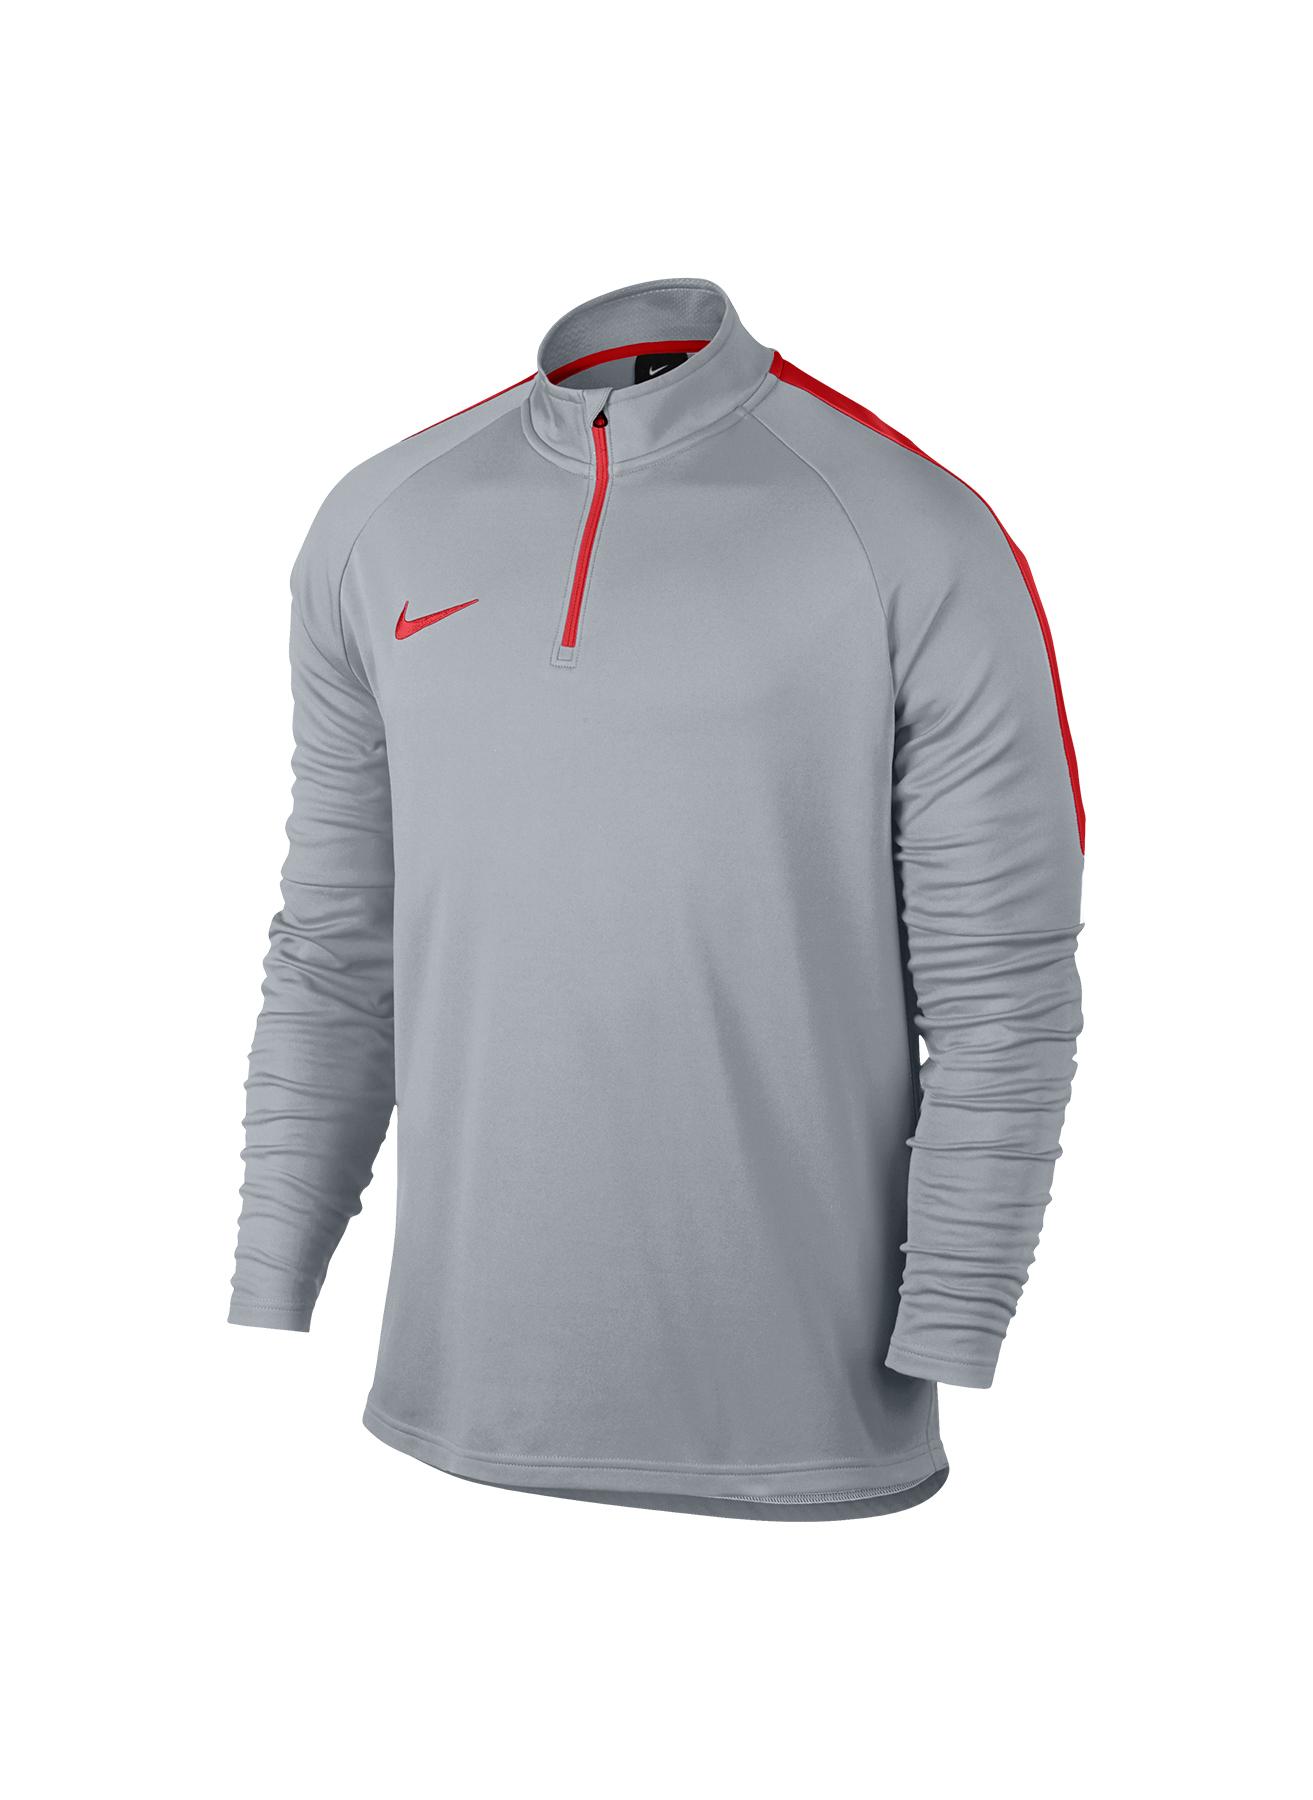 Nike Sweatshırt S 5001634730003 Ürün Resmi